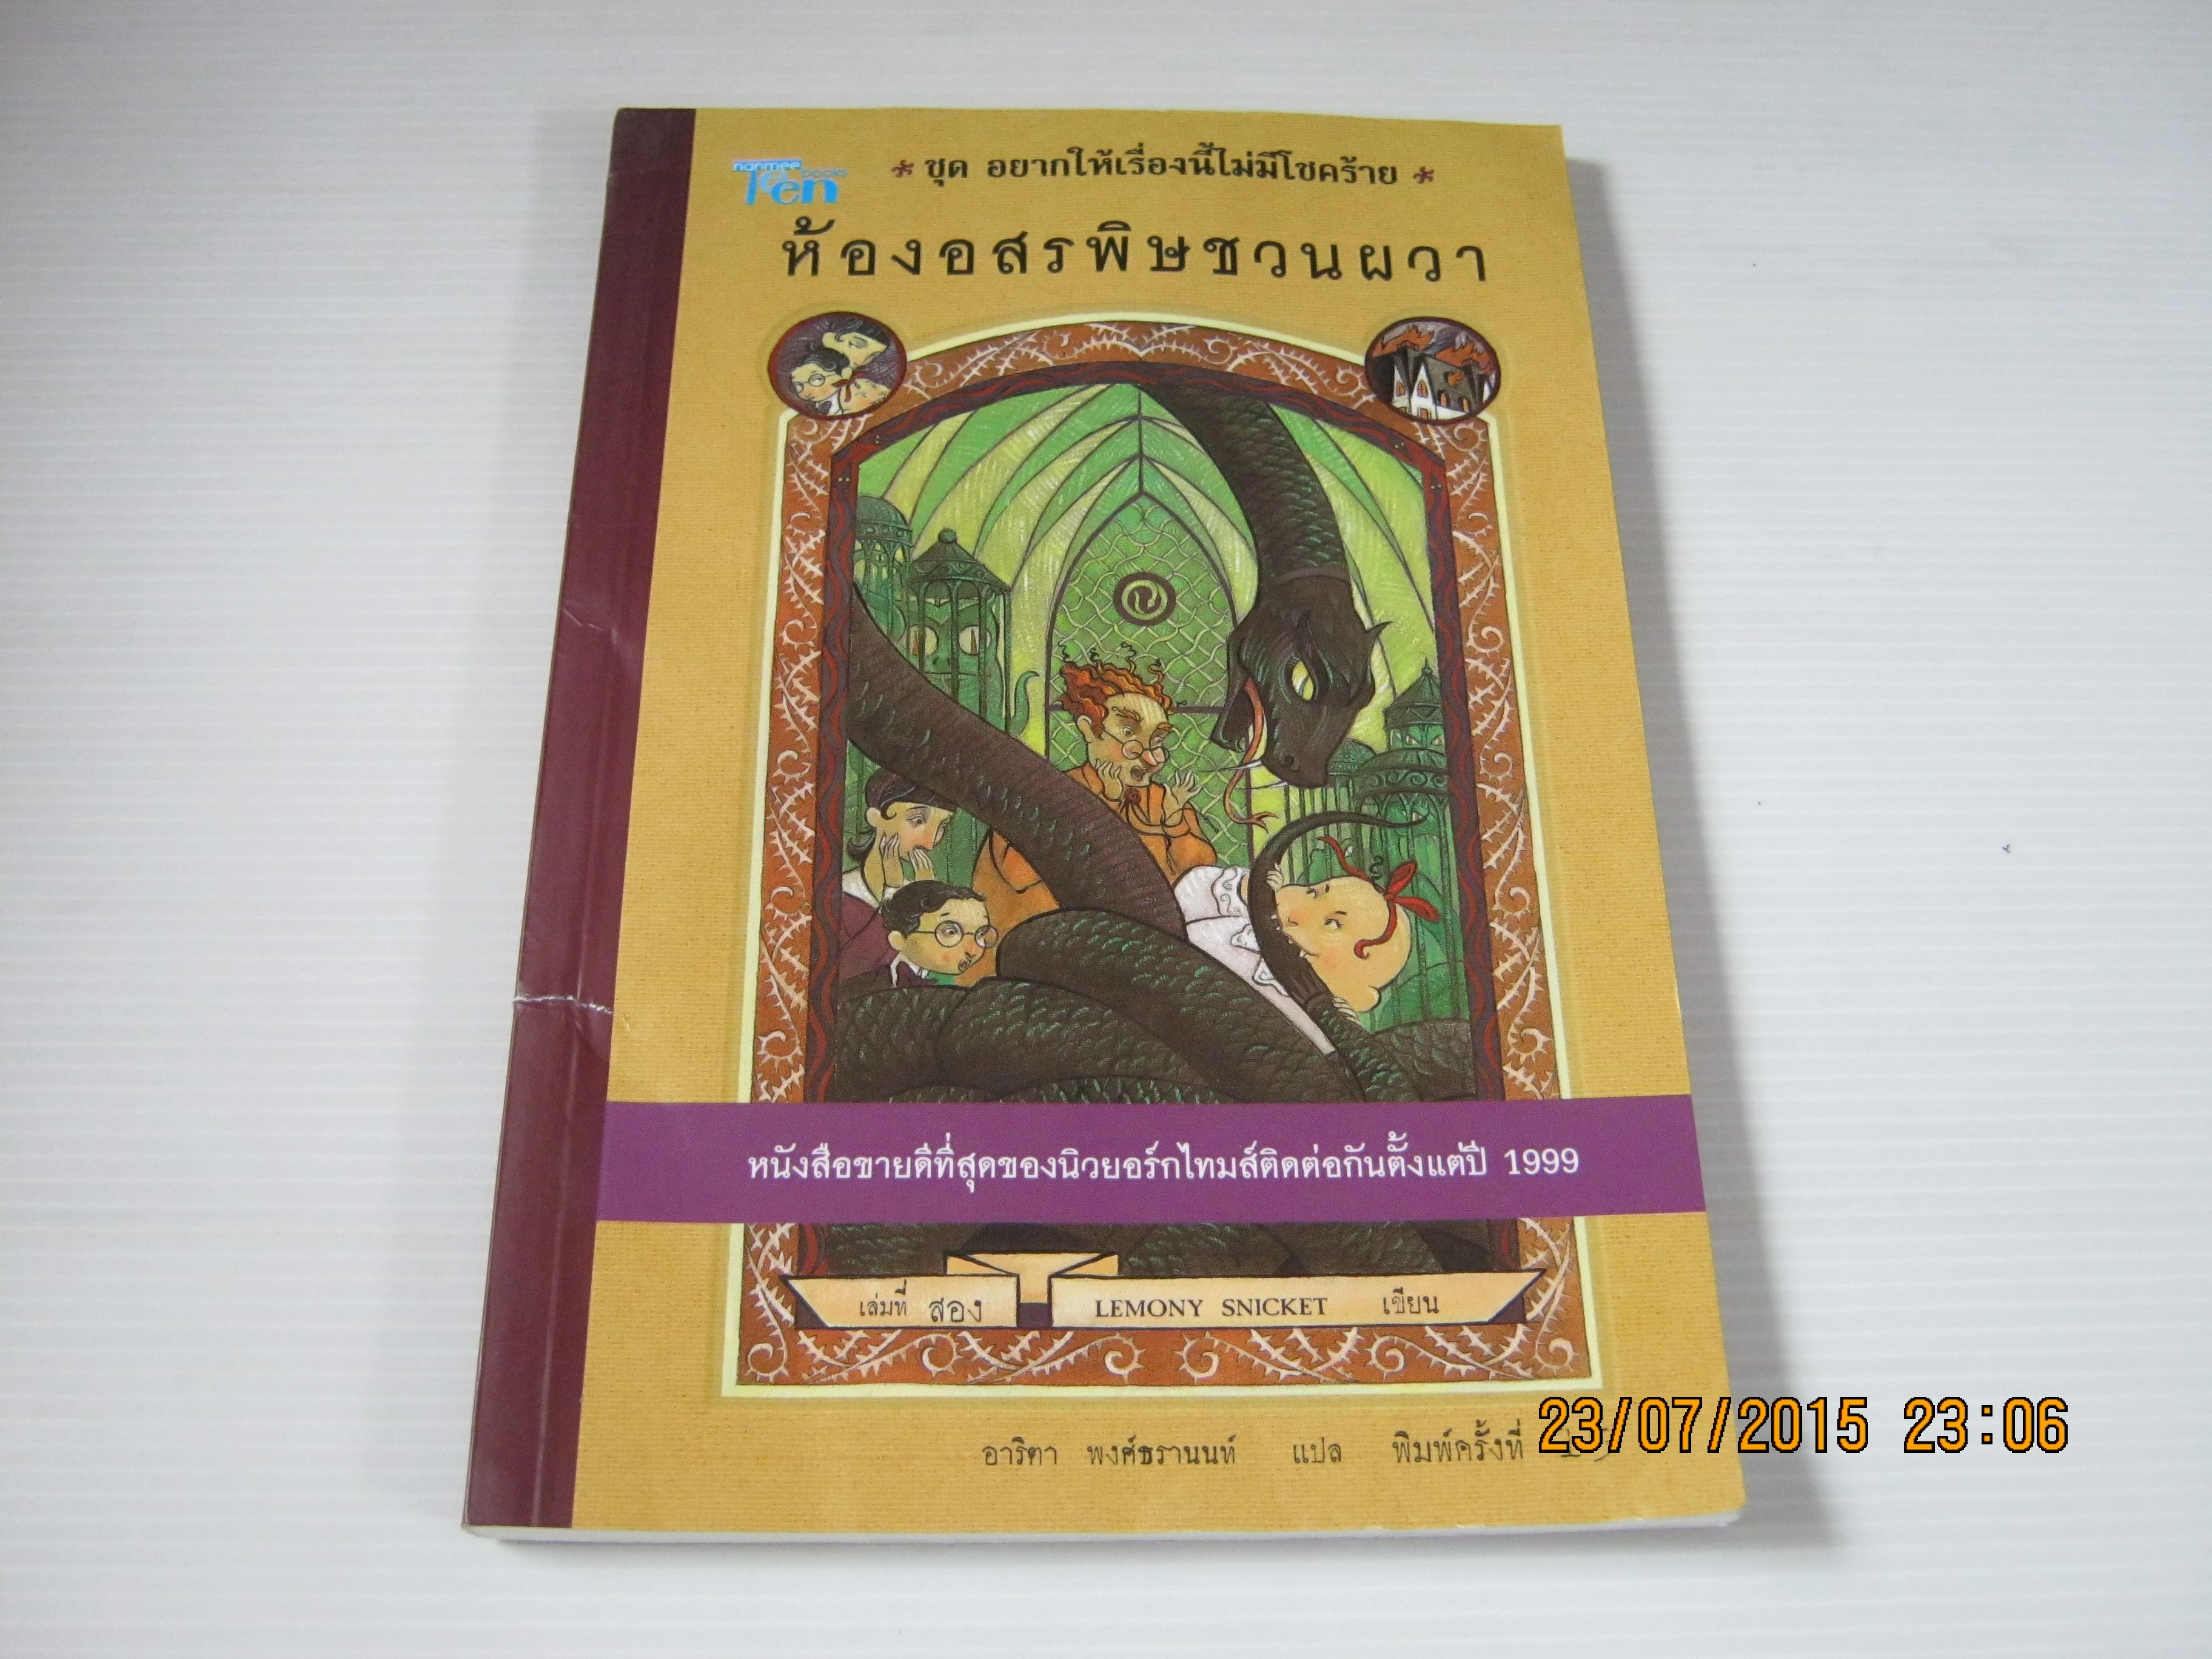 หนังสือชุด อยากให้เรื่องนี้ไม่มีโชคร้าย เล่มที่ 2 ตอน ห้องอสรพิษชวนผวา พิมพ์ครั้งที่ 15 Lemony Snicket เขียน อาริตา พงษ์ธรานนท์ แปล